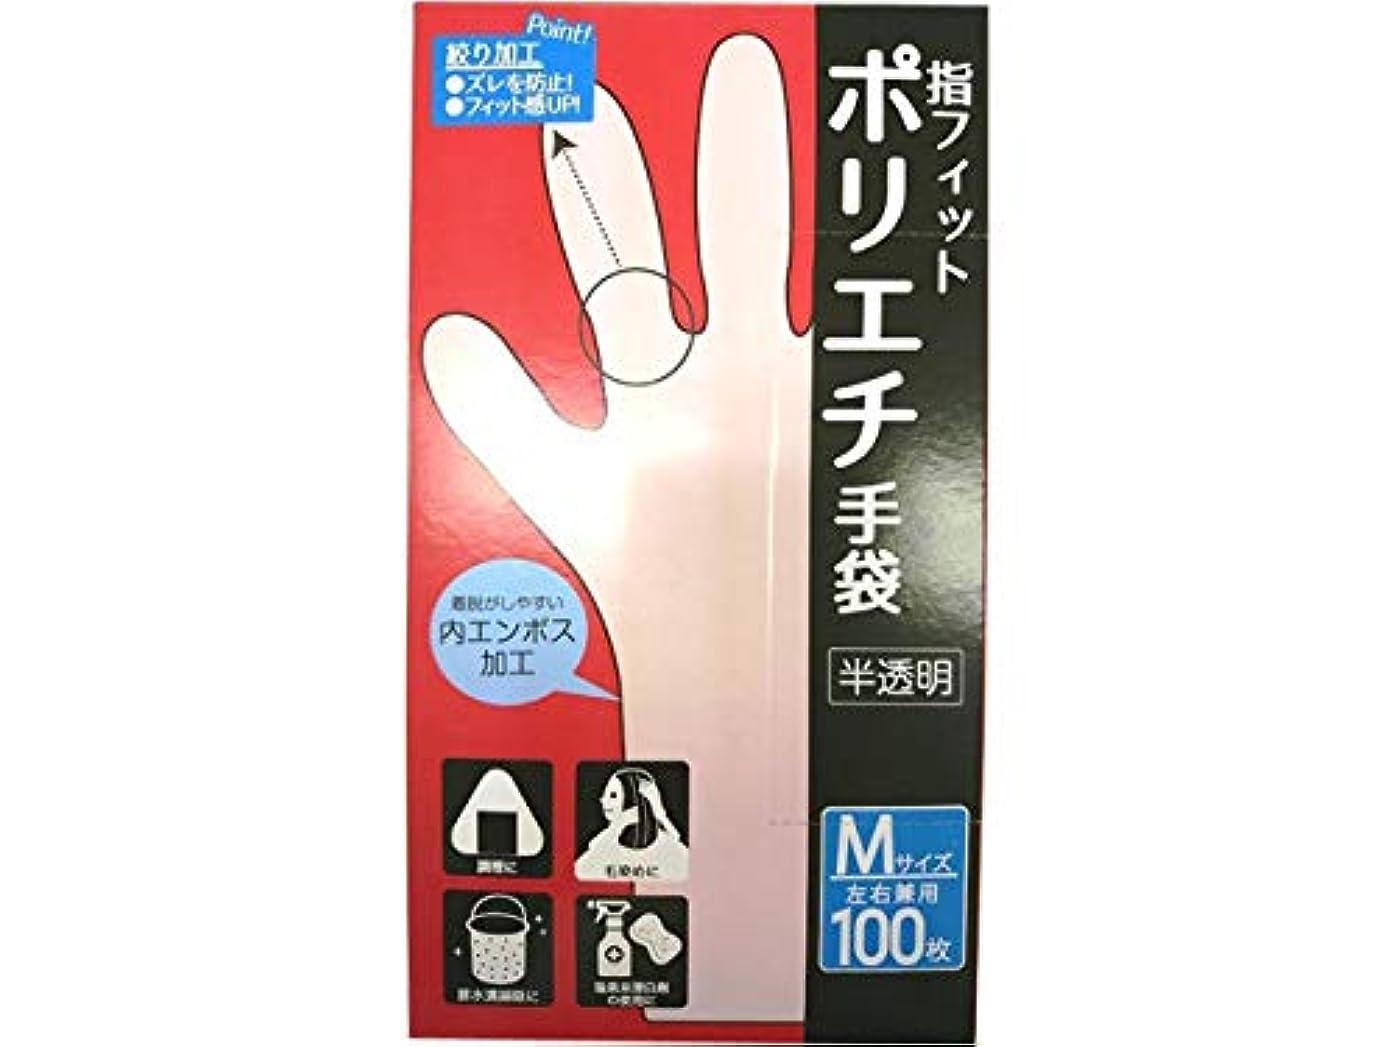 くみなすしなやかなCS ポリエチ手袋 M 100P